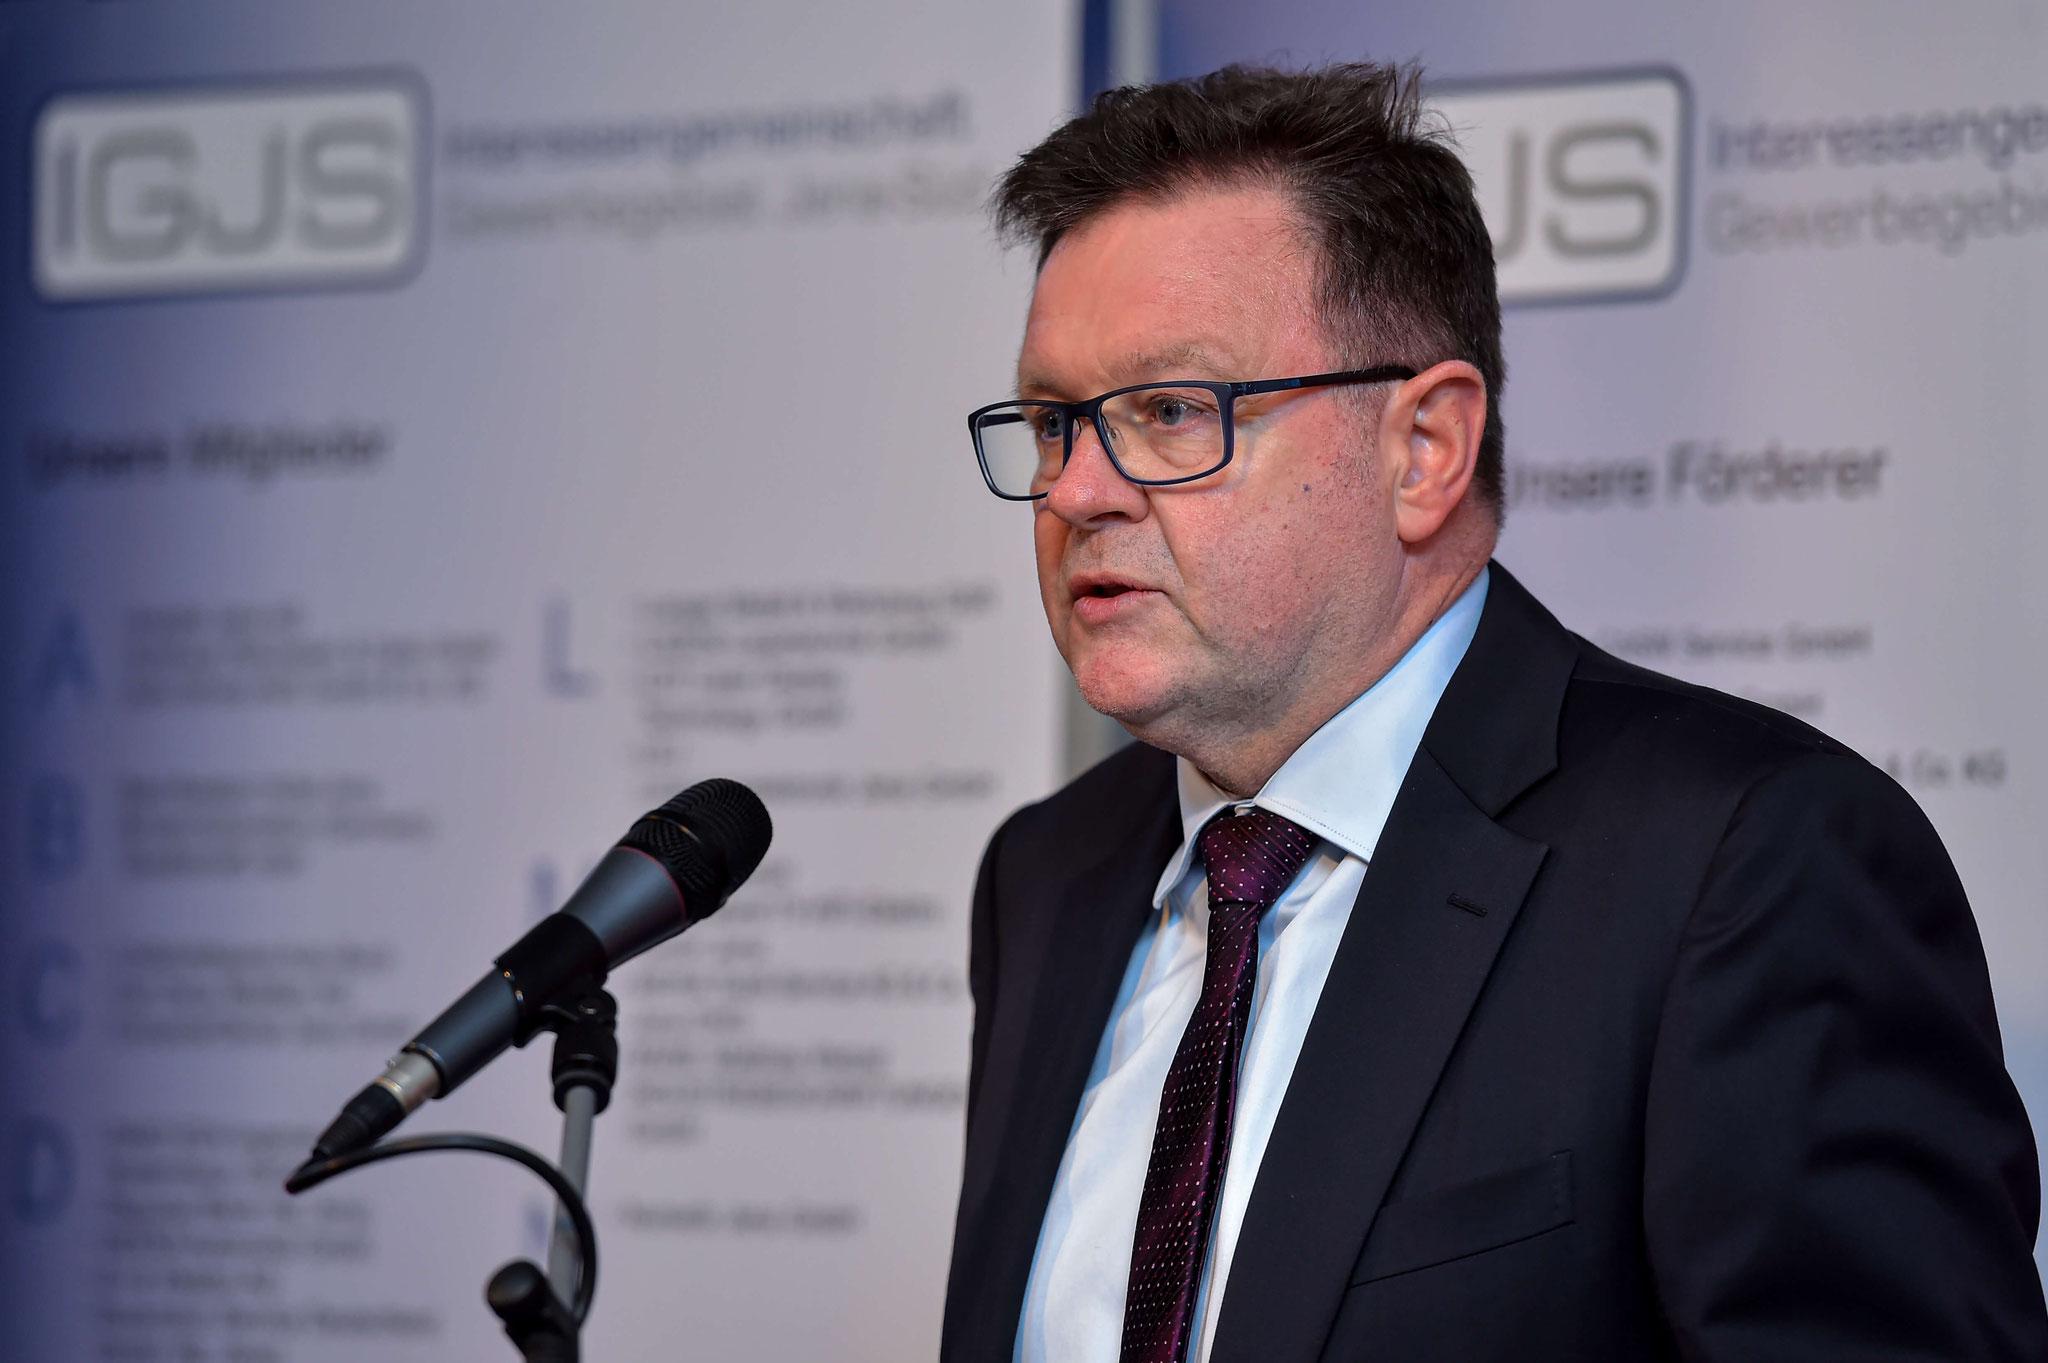 Begrüßung der Gäste durch Frank Heuer - Vorstandssprecher der IGJS